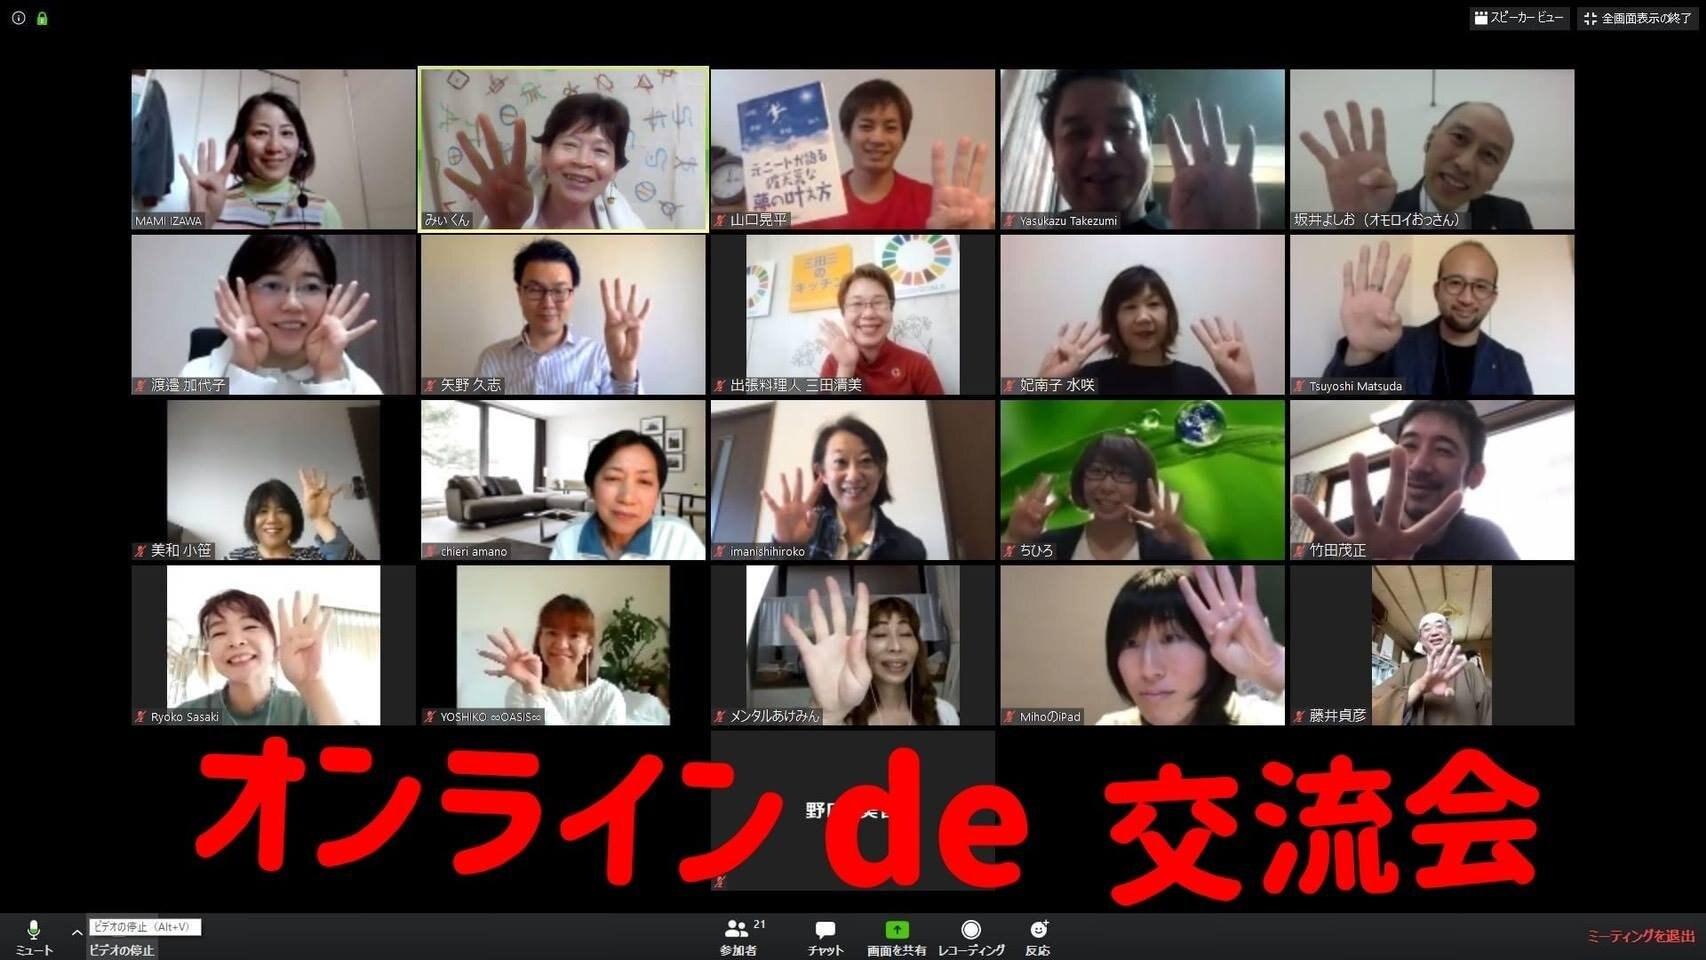 四富オンラインDE交流会 vol.18(正会員)のイメージその1